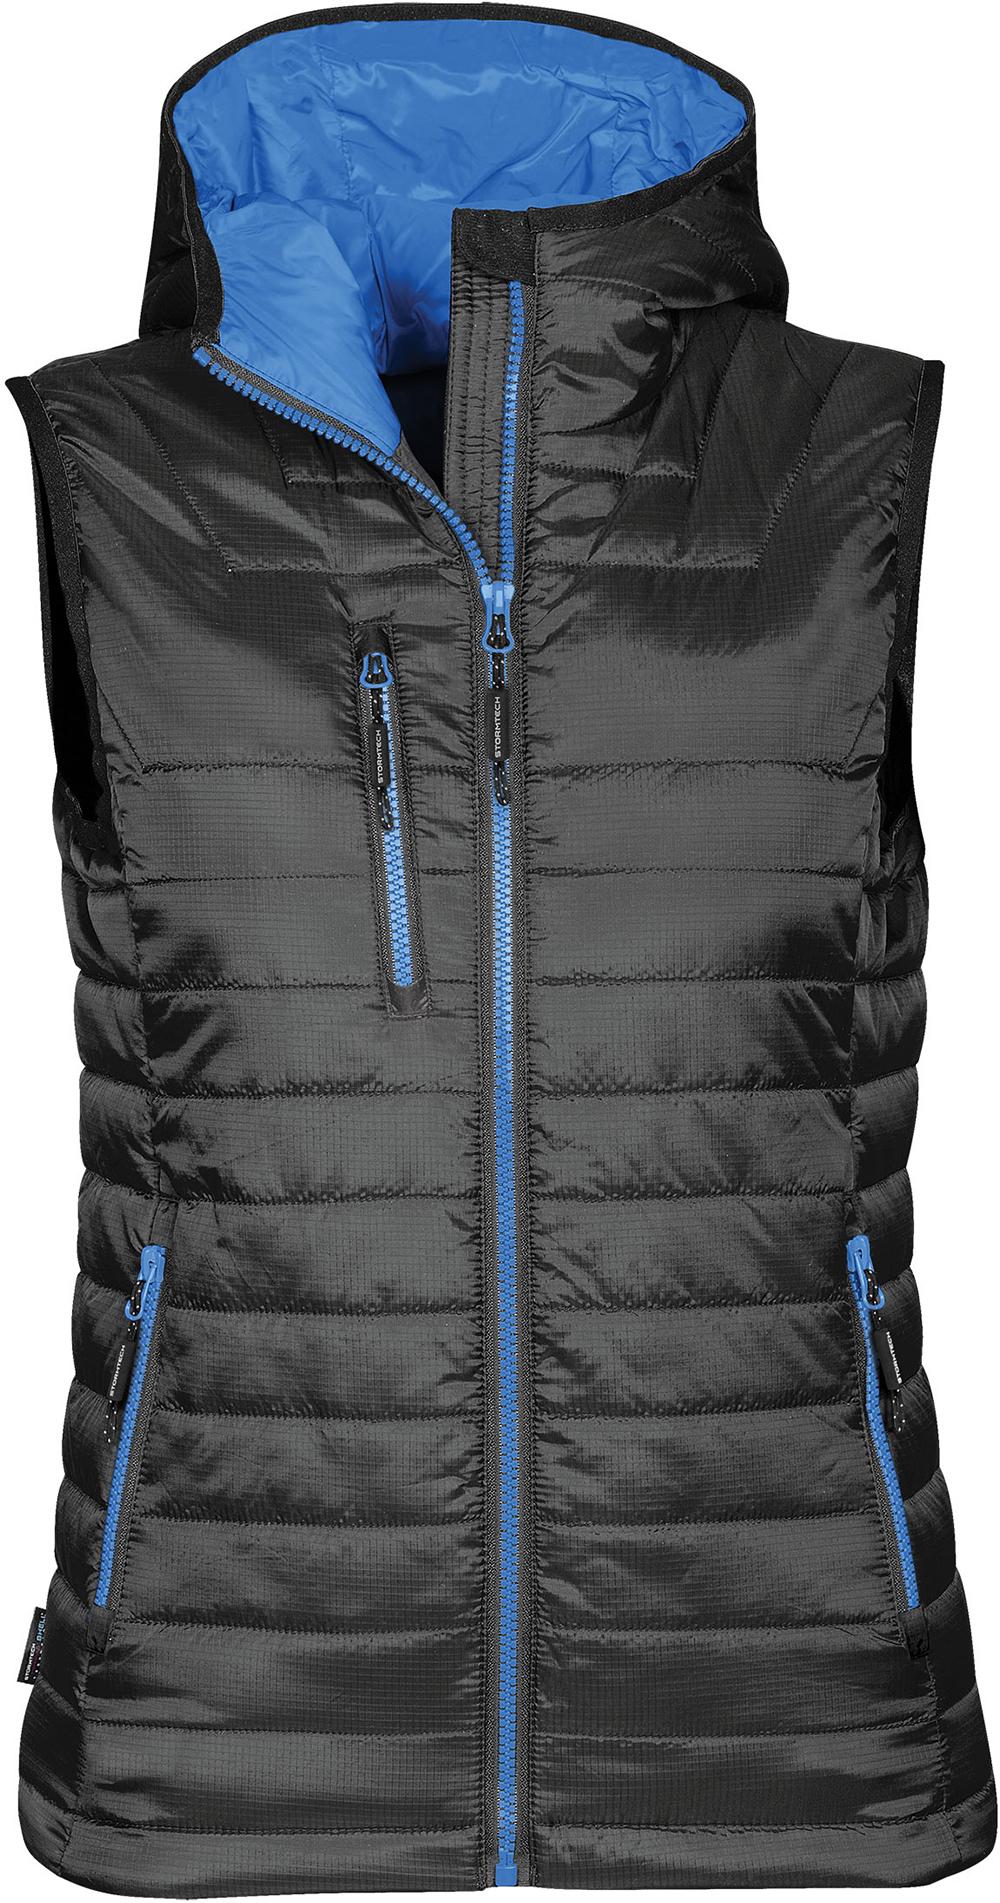 917d1c9aa49 SJ77 Gravity vest (D) - YouBrands